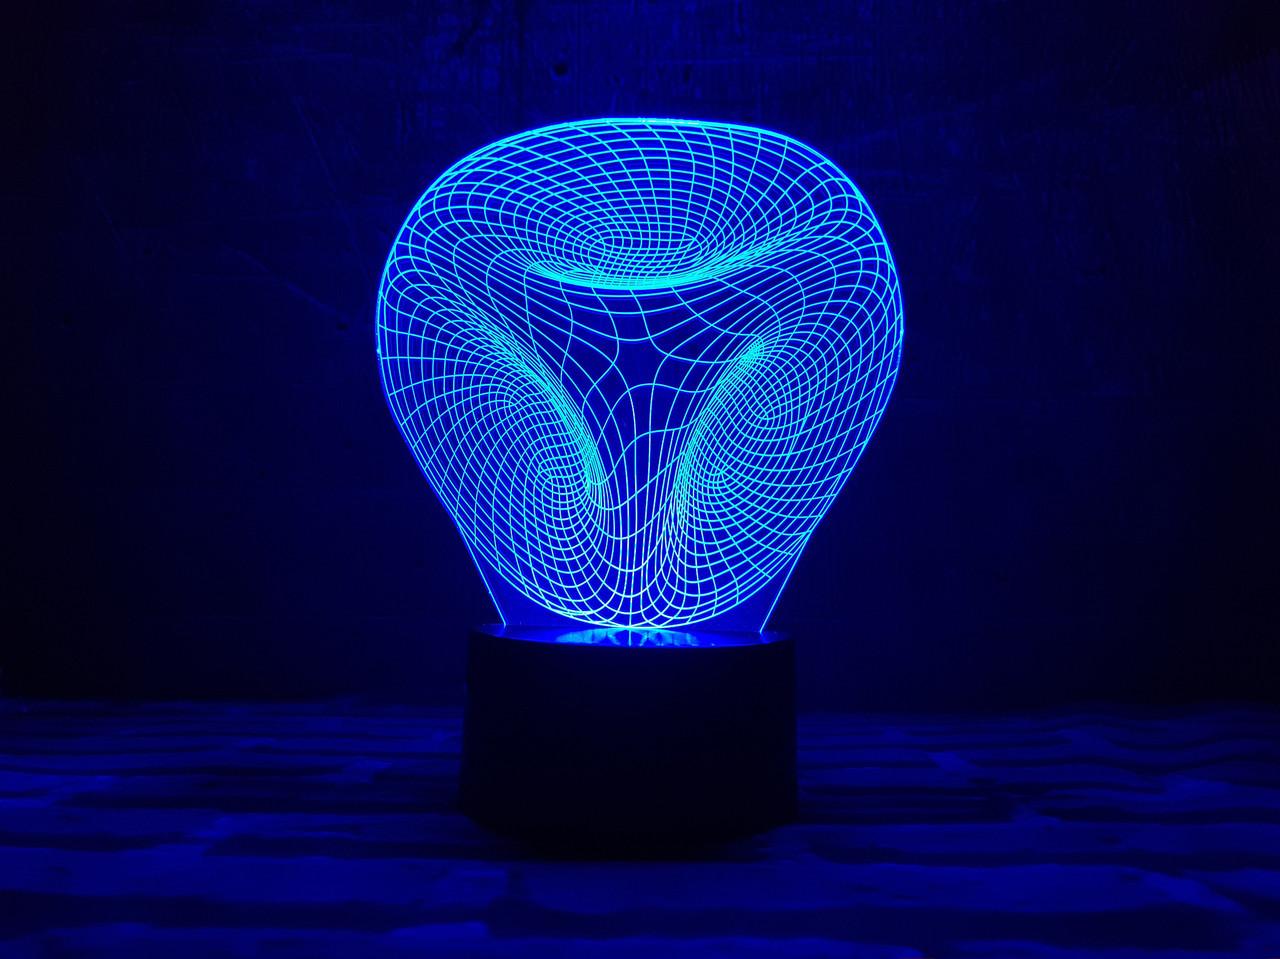 """Сменная пластина для 3D ночника с сенсорной панелью 7 цветов """"Иллюзия"""" 3DTOYSLAMP"""